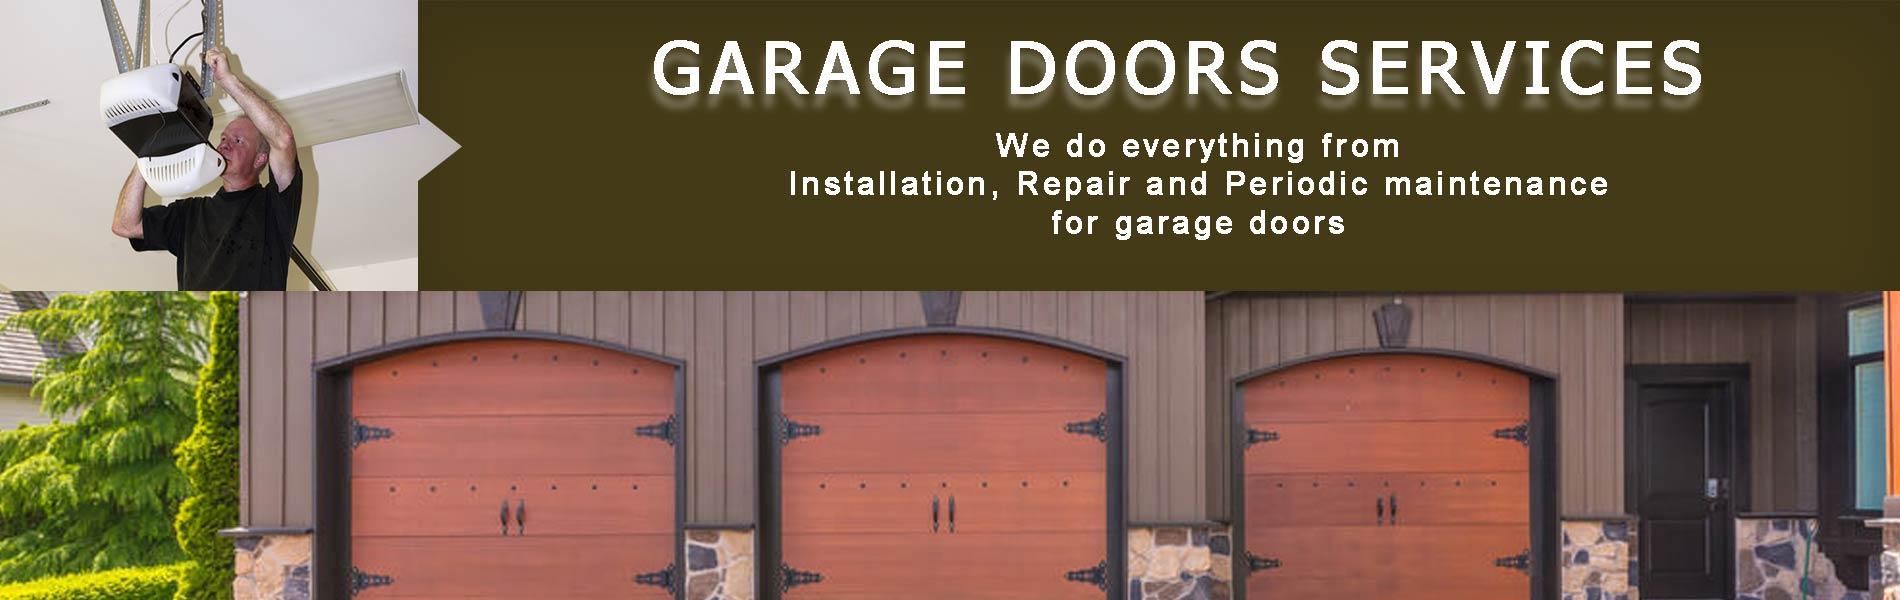 ... United Garage Door Service Dallas, TX 469 319 2289